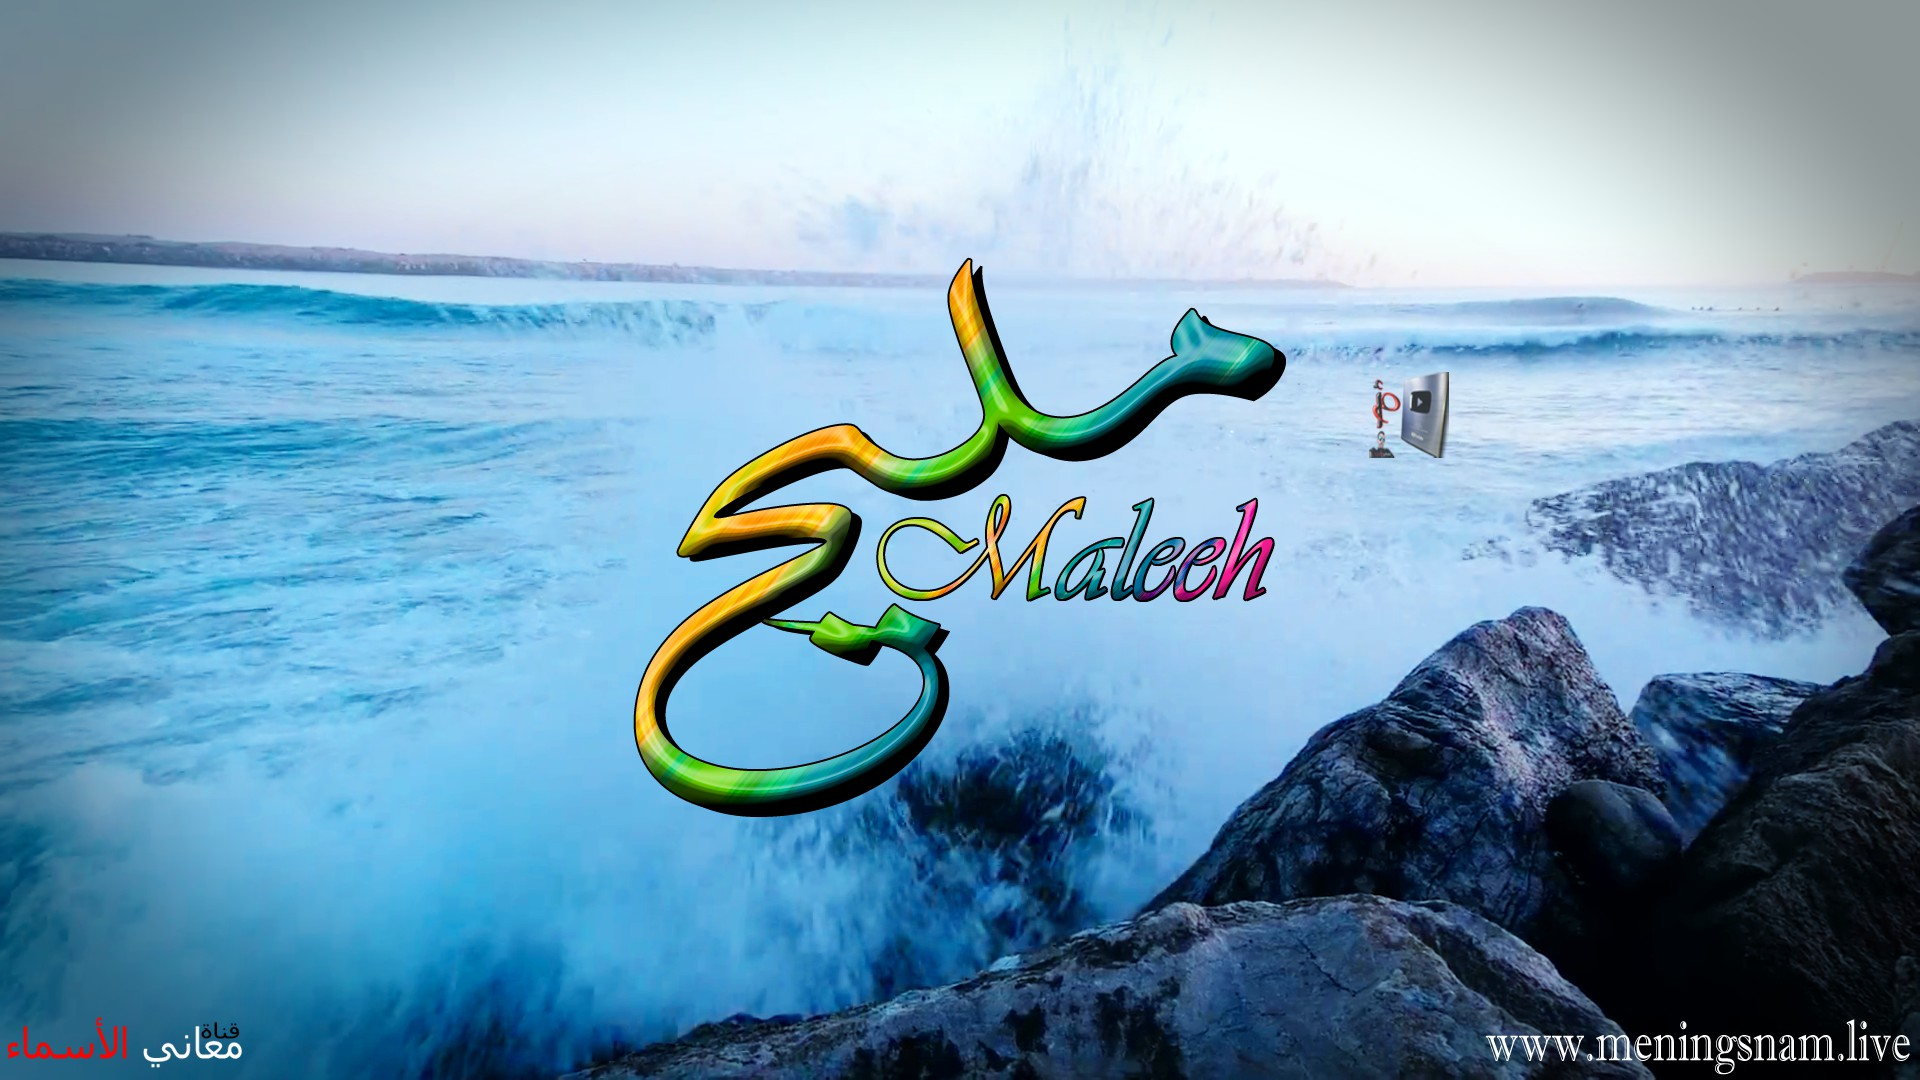 معنى اسم مليح وصفات حامل هذا الاسم Maleeh